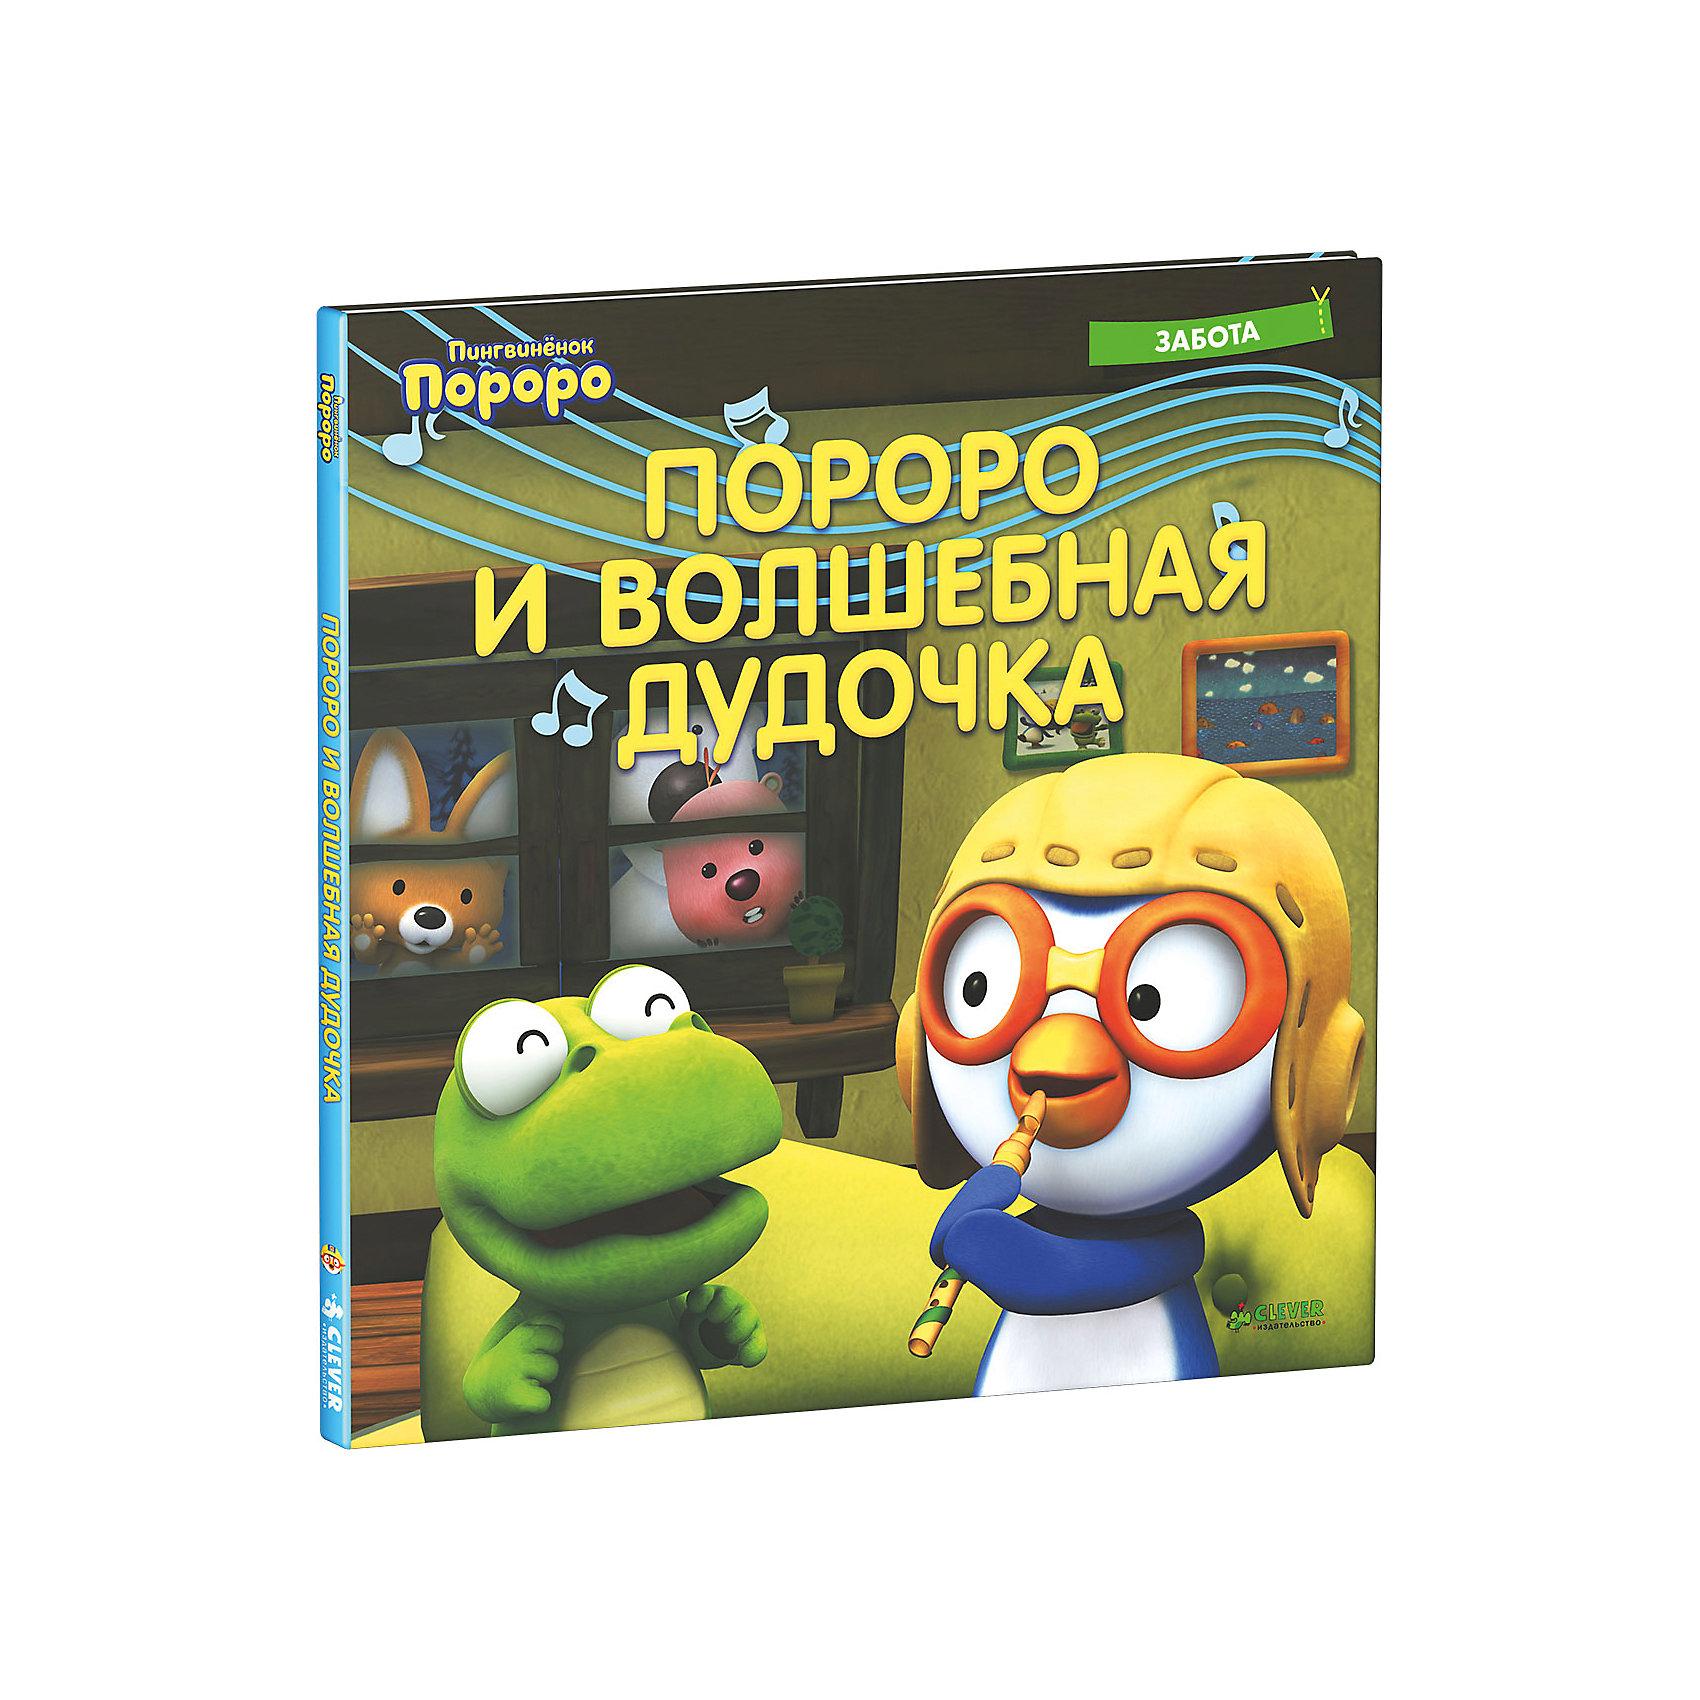 Книга Пингвинёнок Пороро. Пороро и волшебная дудочкаCLEVER (КЛЕВЕР)<br>Книга Пингвинёнок Пороро. Пороро и волшебная дудочка - это веселый и яркий рассказ из популярной серии изданий о пингвиненке Пороро и его друзьях. На это раз Вас ждет история о волшебной книге, которую получил медведь Поби и о волшебной дудочке, волшебство которой действовало только на непослушных детей. Мультфильмы про пингвинёнка Пороро и его друзей пользуются любовью и популярностью во многих странах мира. Герои мультика также ссорятся и мирятся, играют и мечтают, живут своими повседневными заботами. Даже самые непослушные и упрямые ребята слушаются Пороро, потому что он завоевал их сердца. Ведь он совсем не супергерой, а просто маленький пингвинёнок, который может ошибаться так же, как и они. Яркие иллюстрации, увлекательная история и интересные задания в конце сказки делают это издание идеальным чтением для малышей. Рекомендовано детям 3-7 лет.<br><br>Дополнительная информация:<br><br>- Серия: Пингвиненок Порорро.  <br>- Переводчики: Е. Овчинникова, Ю. Ратиева, В. Кинг.<br>- Переплет: твердая обложка.<br>- Иллюстрации: цветные.<br>- Объем: 32 стр. <br>- Размер: 25,5 x 25,5 x 0,7 см.<br>- Вес: 0,348 кг. <br><br>Книгу Пингвинёнок Пороро. Пороро и волшебная дудочка, Клевер Медиа Групп, можно купить в нашем интернет-магазине.<br><br>Ширина мм: 245<br>Глубина мм: 245<br>Высота мм: 11<br>Вес г: 250<br>Возраст от месяцев: 48<br>Возраст до месяцев: 72<br>Пол: Унисекс<br>Возраст: Детский<br>SKU: 4501125